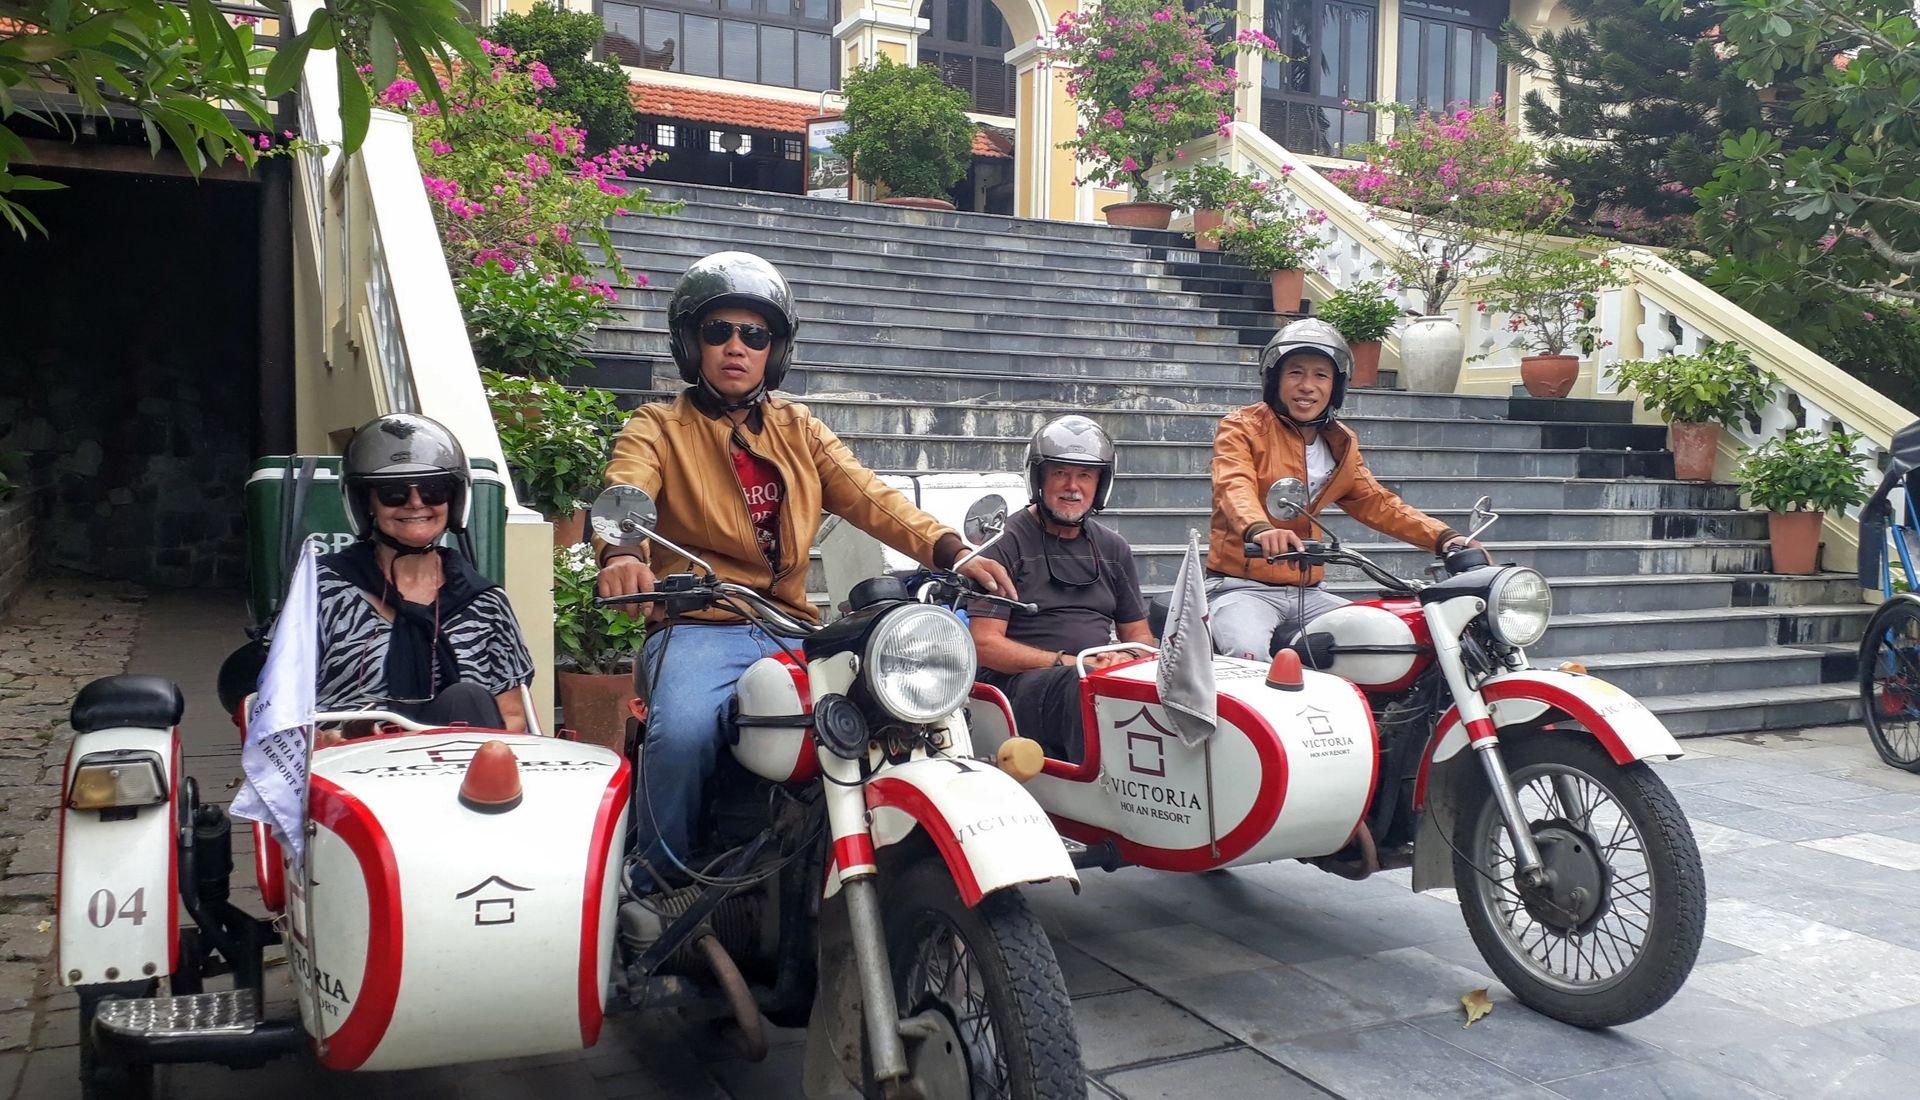 Our sidecar tour commences